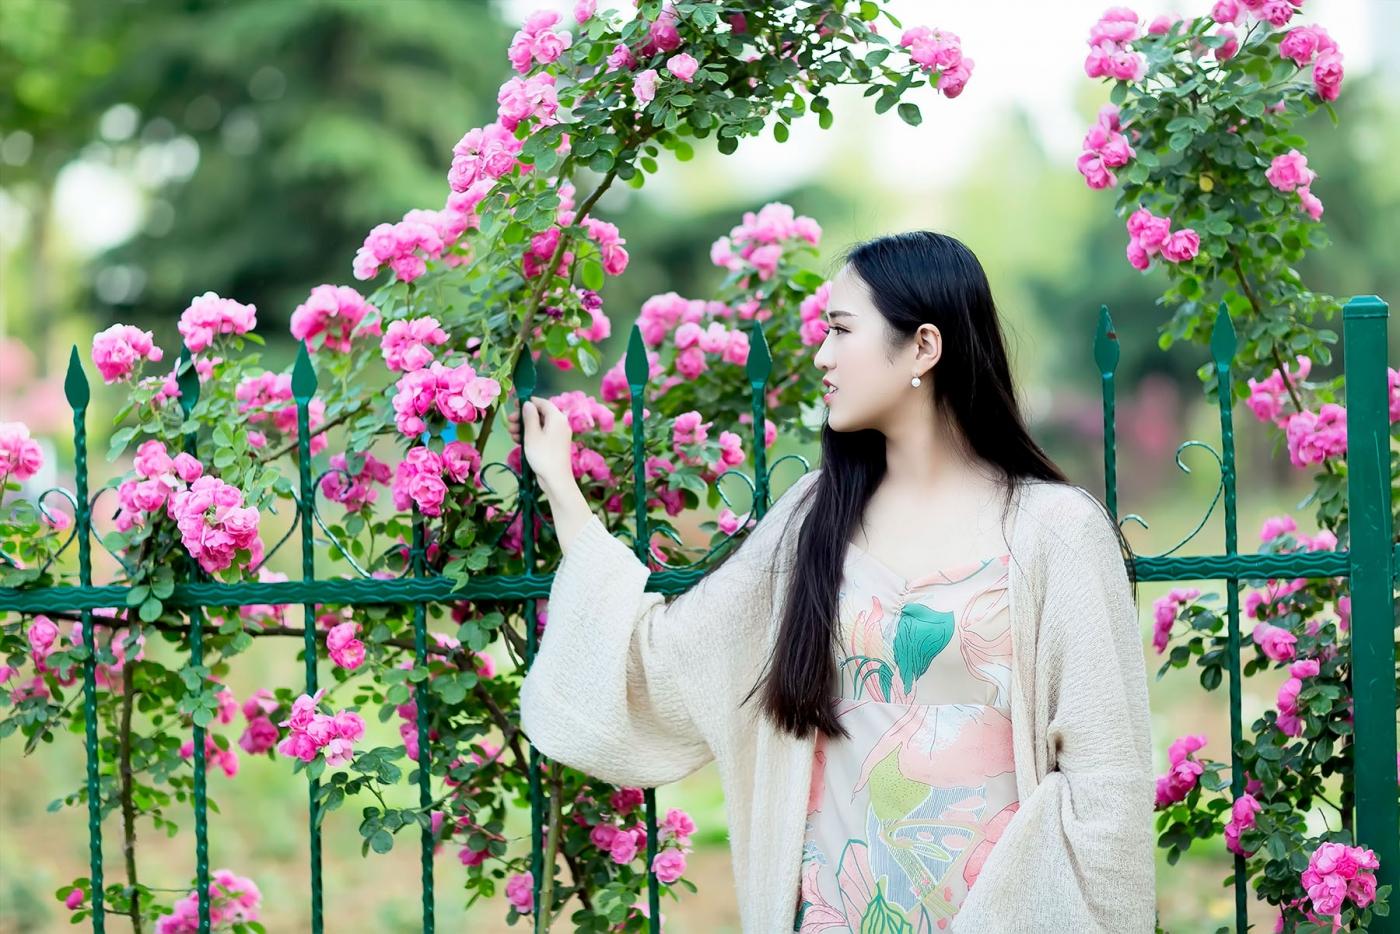 蔷薇·阳光·女孩 去见你想见的人吧_图1-14